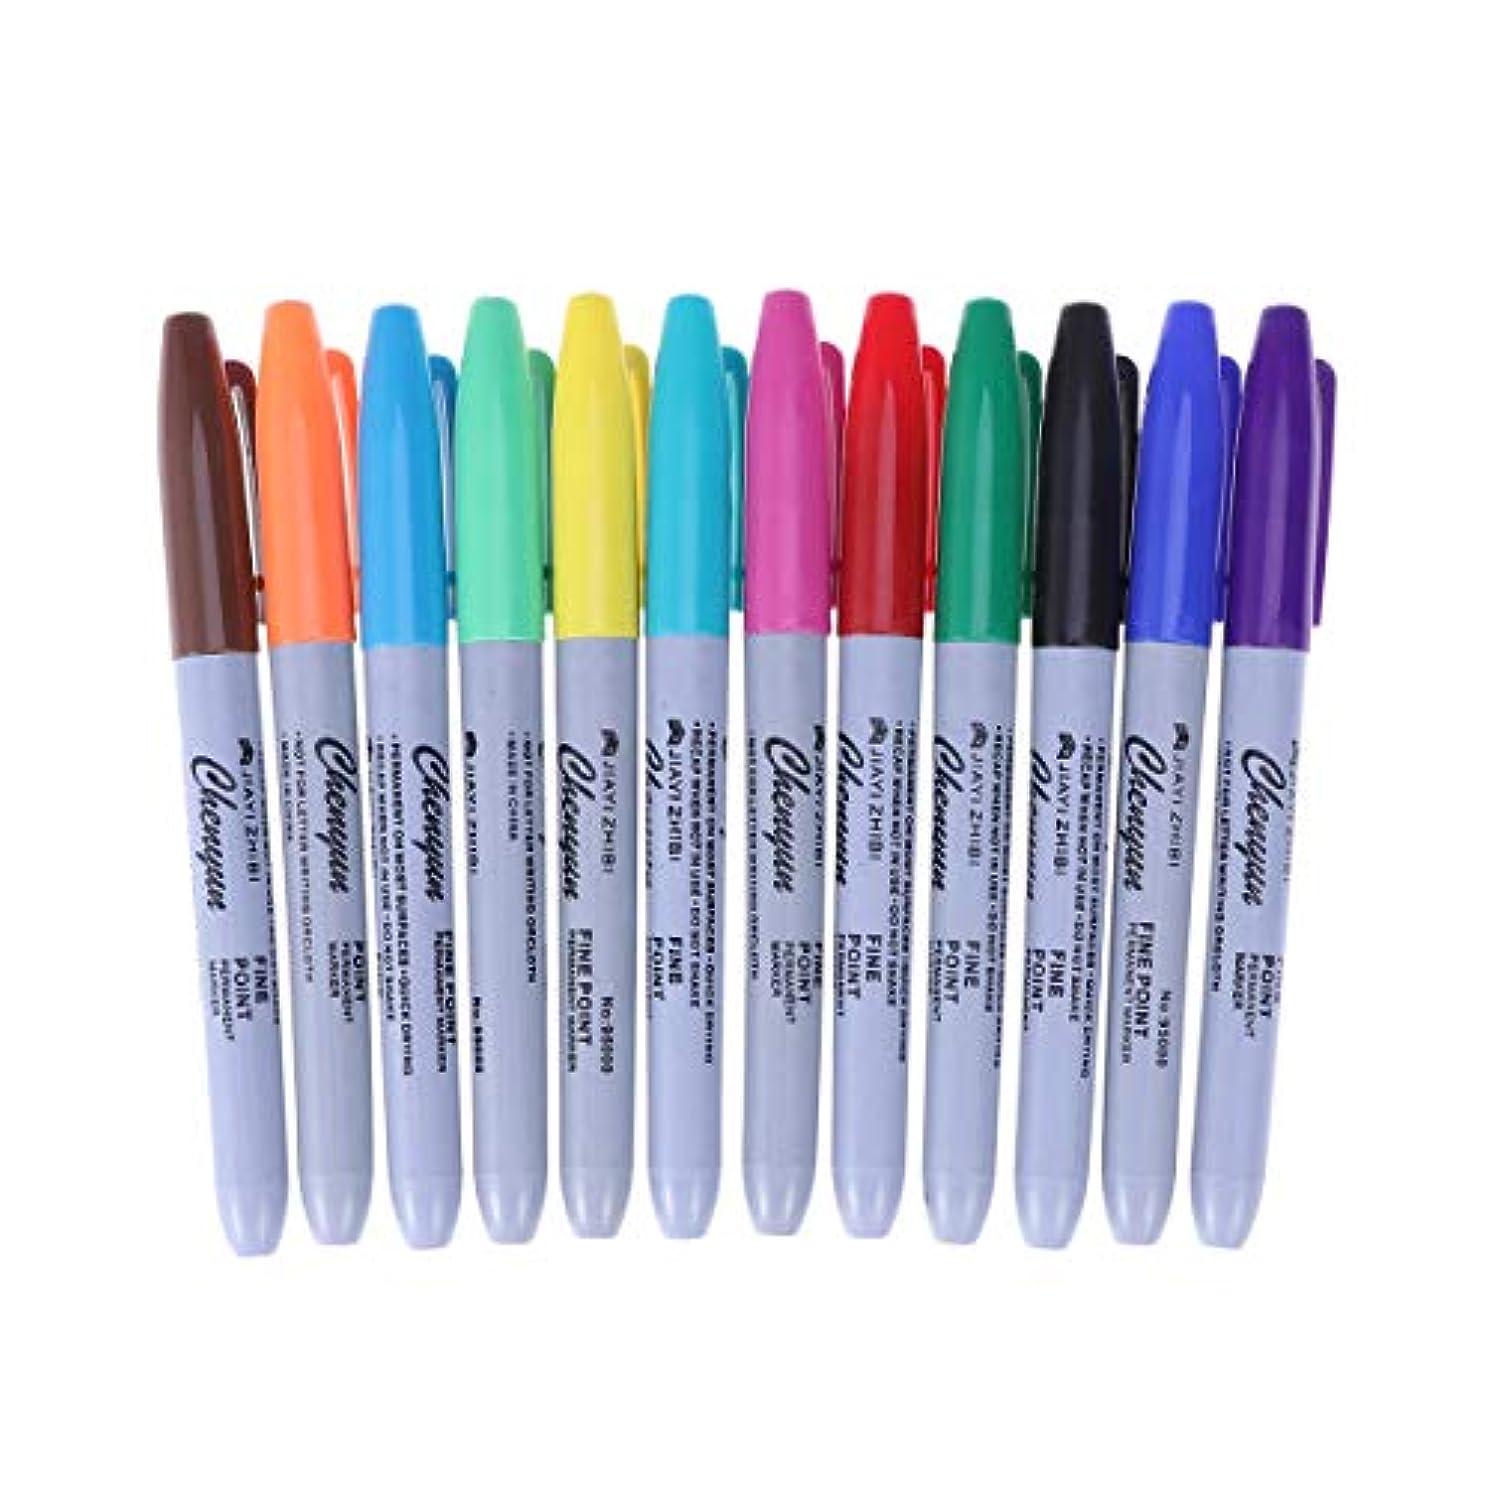 ジョセフバンクス関連する気質Healifty 12色タトゥーペン防水タトゥースキンマーカーマーキングスクライブペンファインとレッグチップタトゥー用品